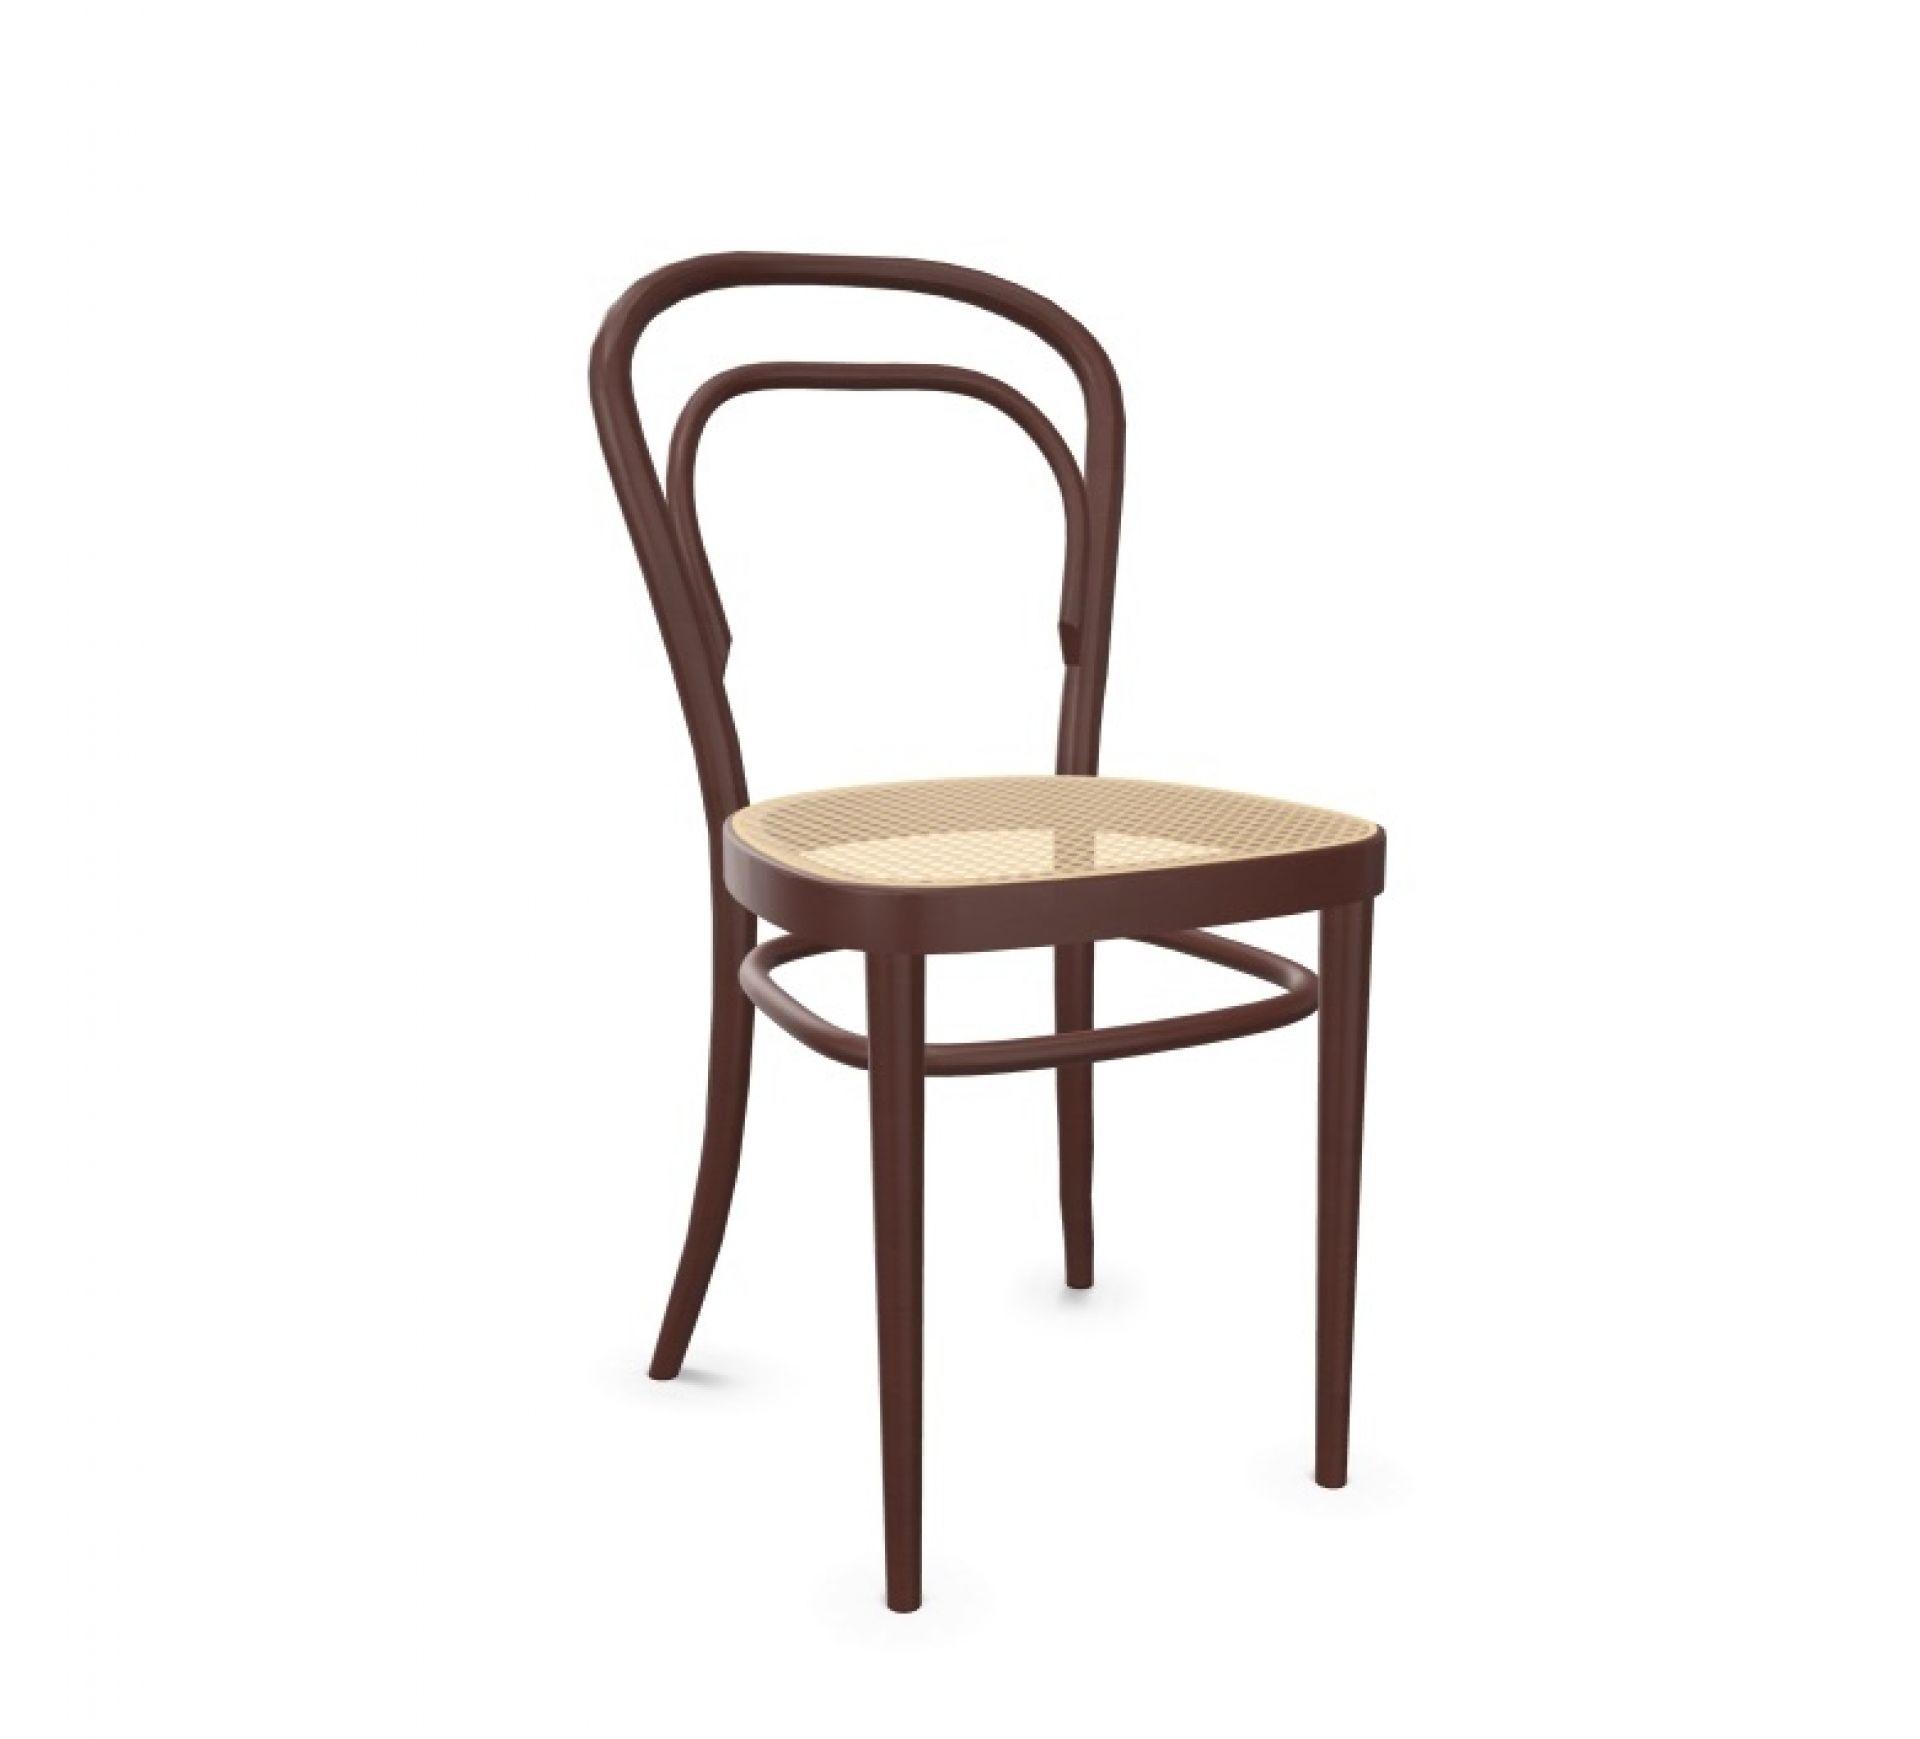 214 Chaise en bois courbé - Café chaise Mahagoni Thonet OFFRE SPECIALE